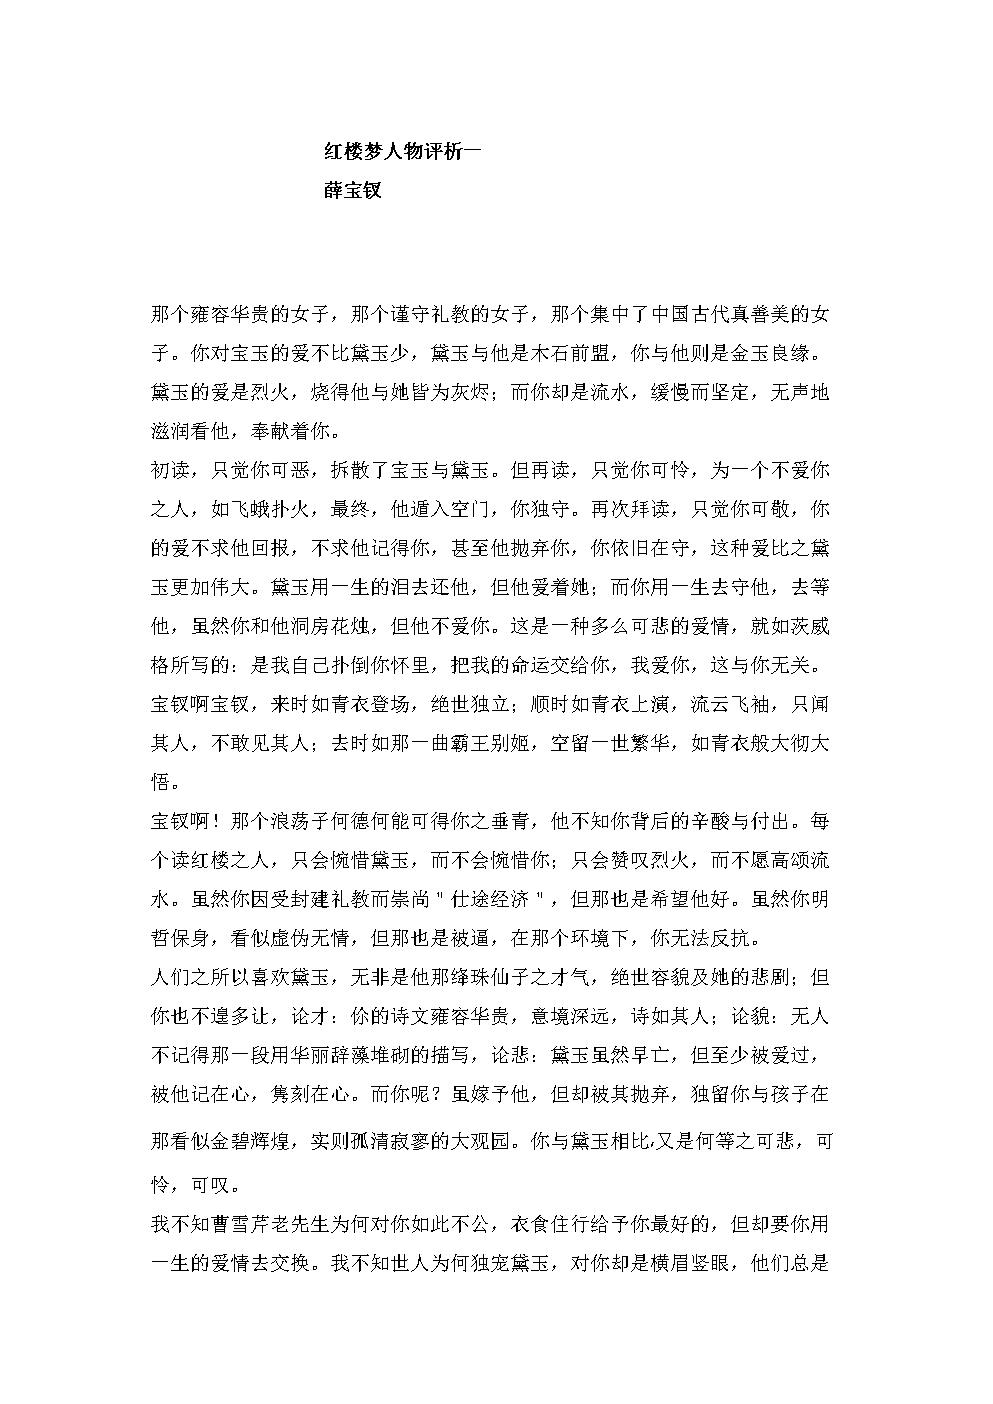 红楼梦人物分析评价.doc